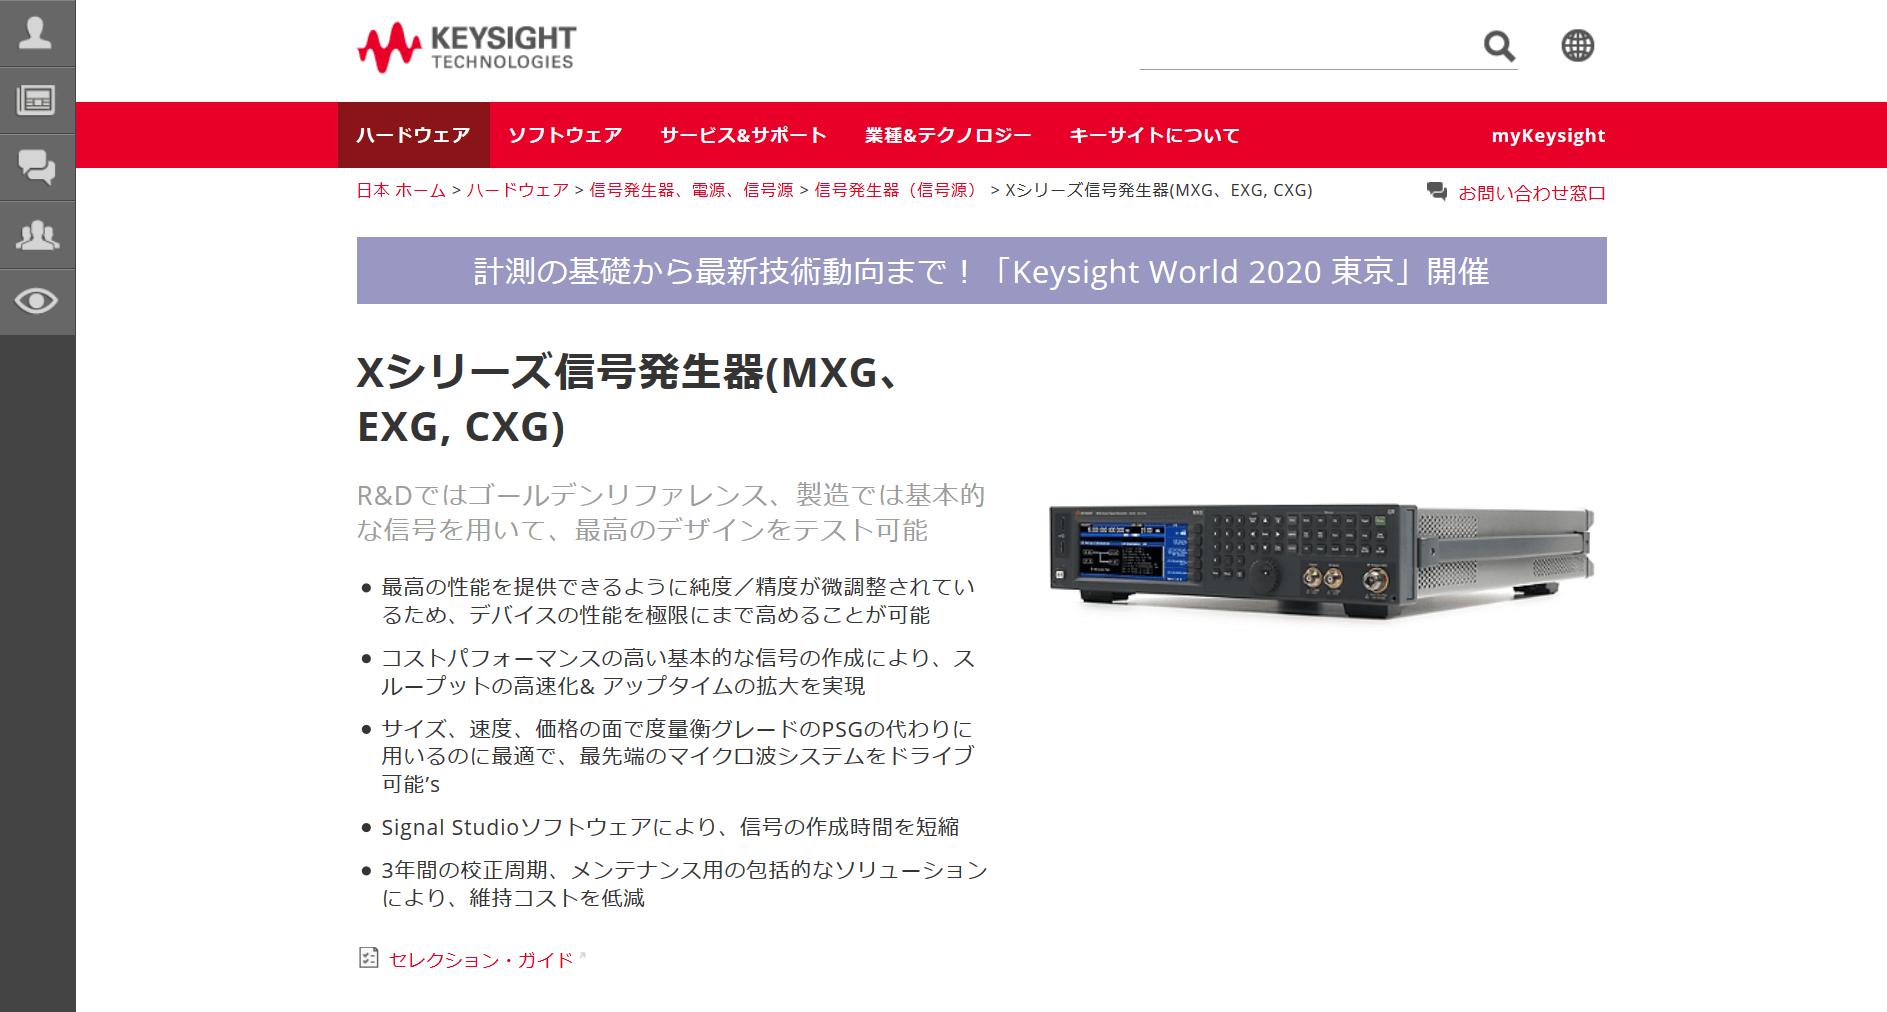 Xシリーズ信号発生器(MXG、EXG, CXG)